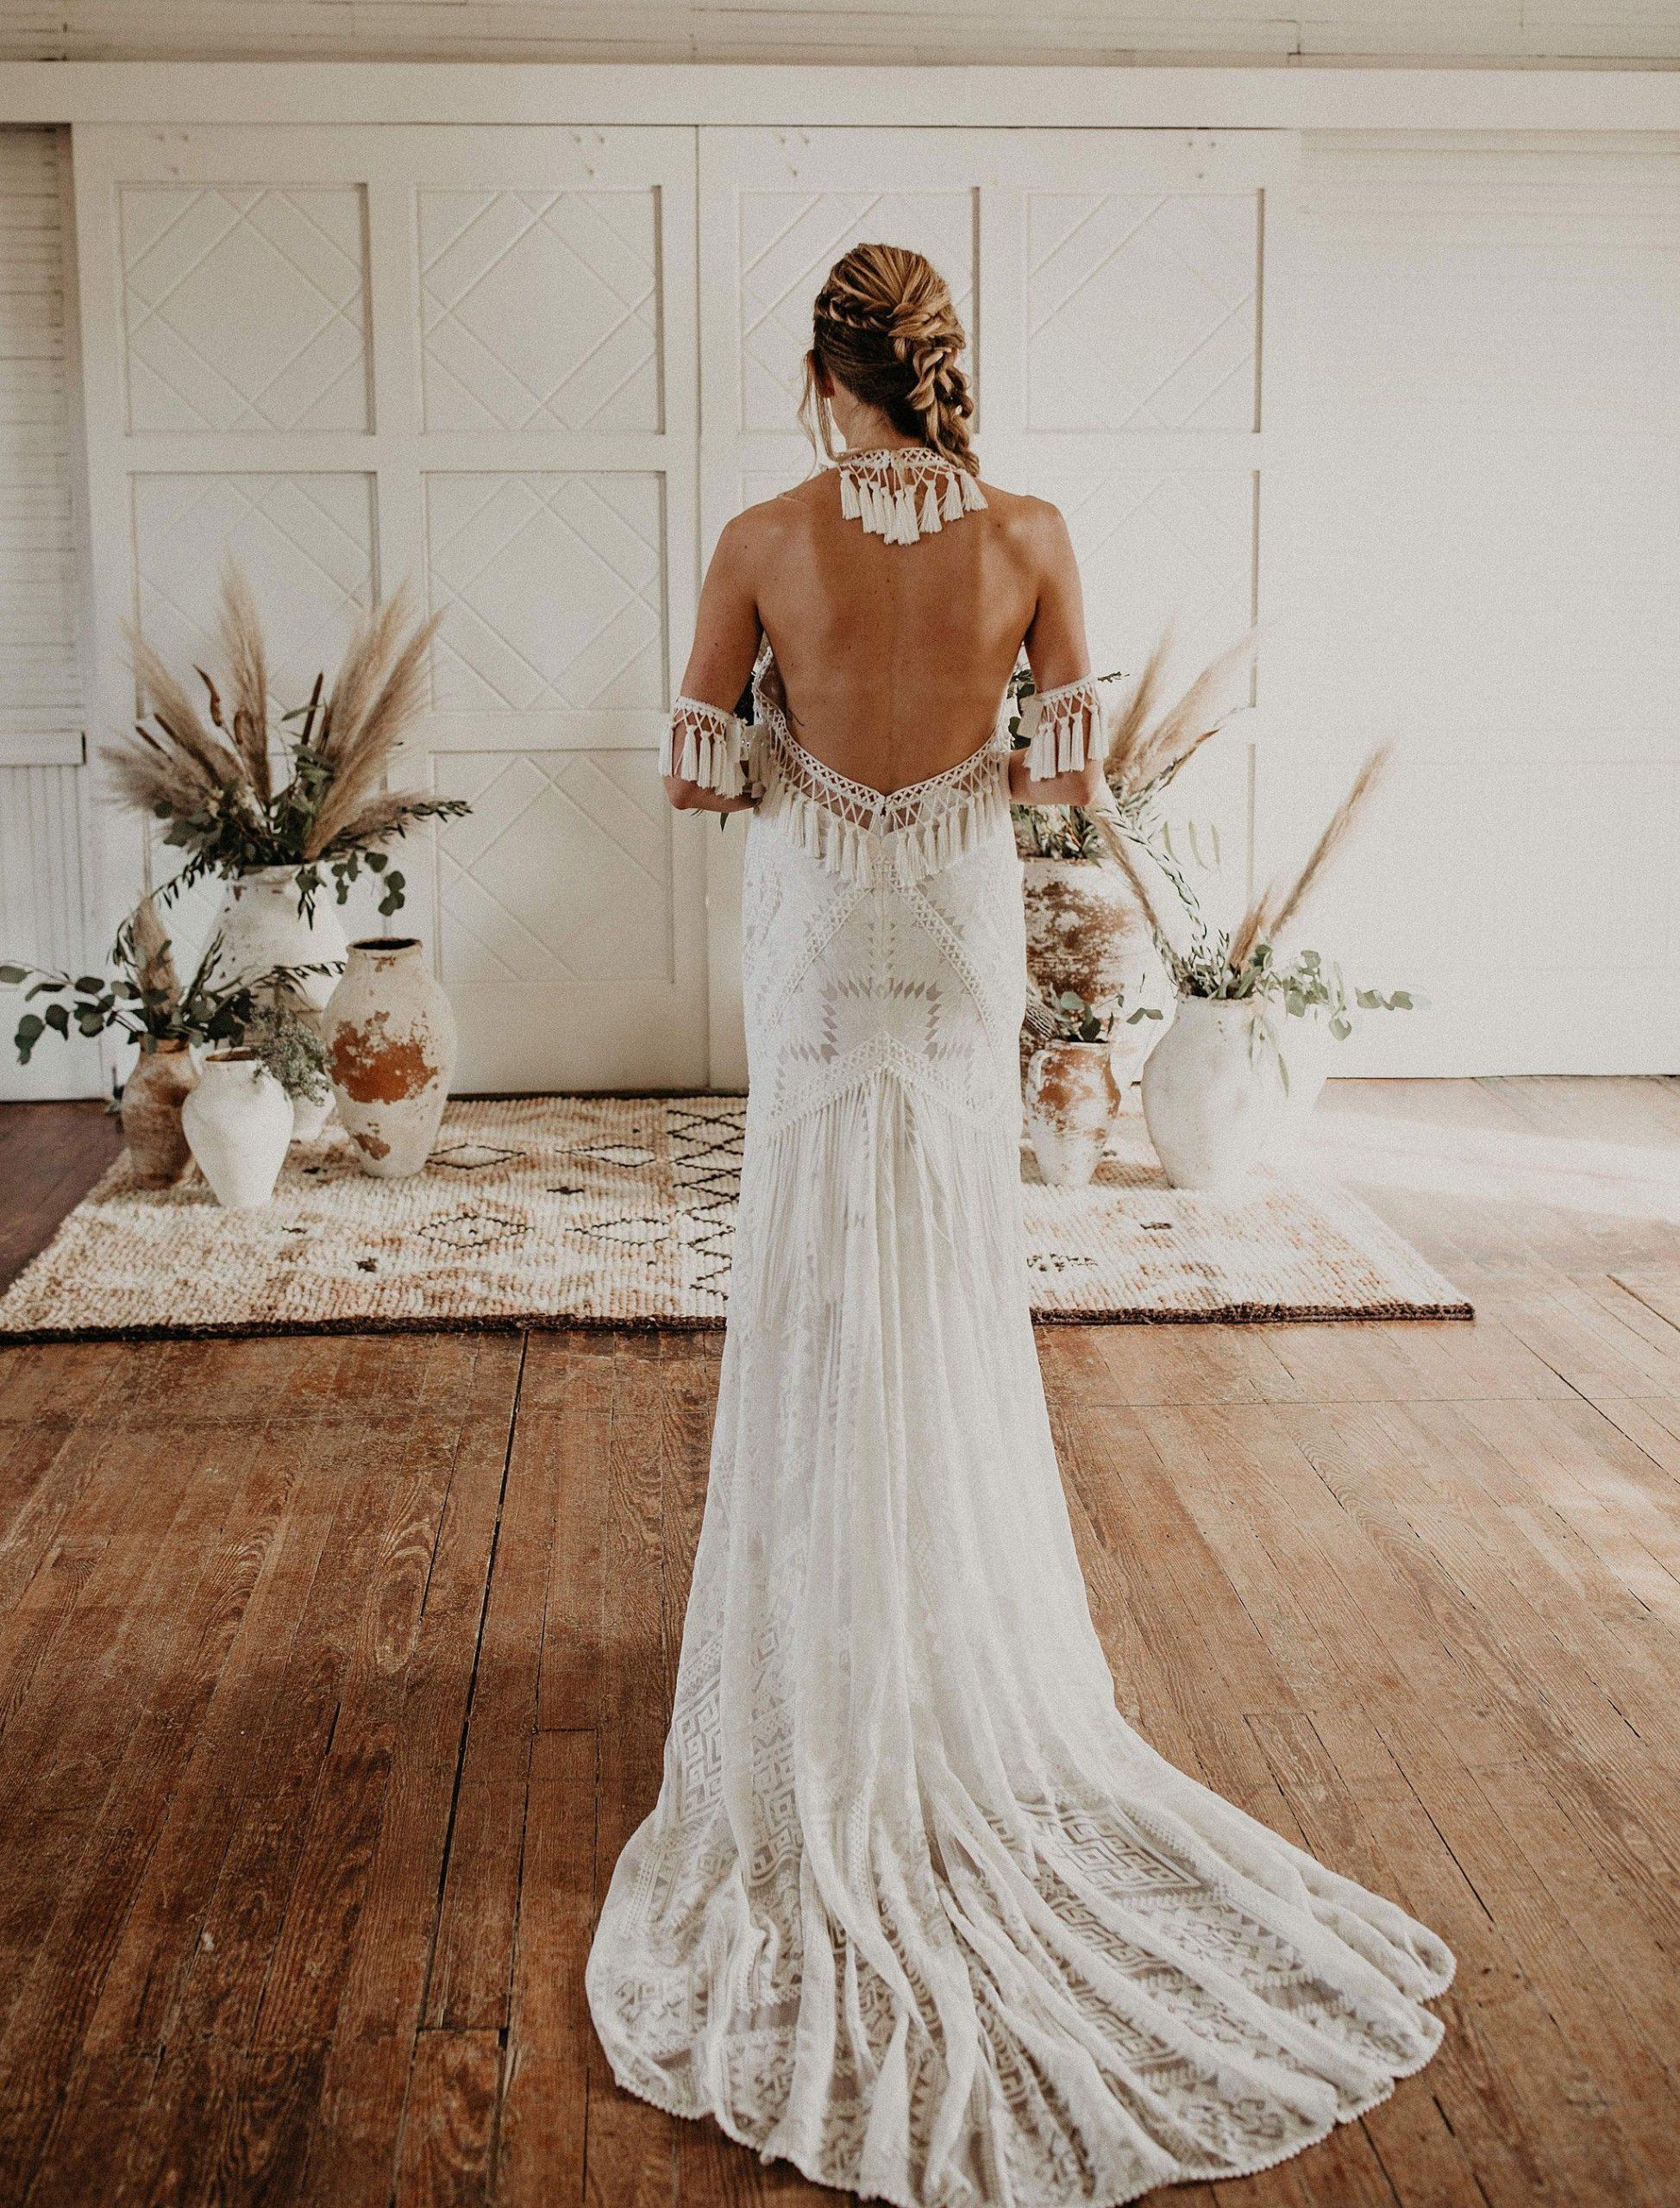 Bohobrautkleid Die 10 Schönsten Hochzeitskleider Im Boho